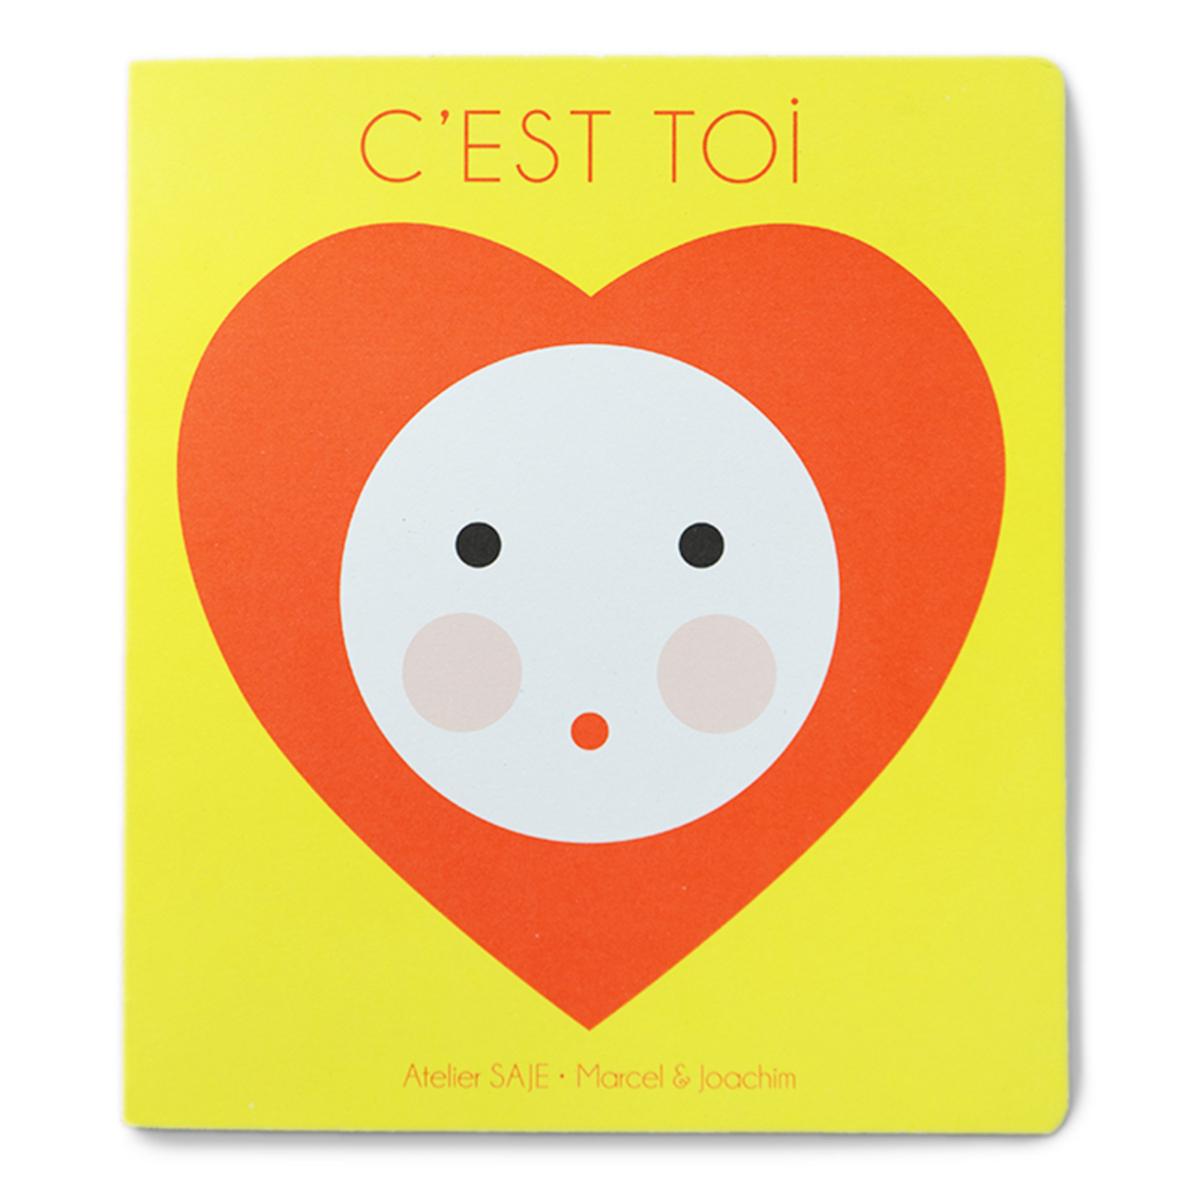 Livre & Carte Collection Atelier Saje - C'est toi Collection Atelier Saje - C'est toi